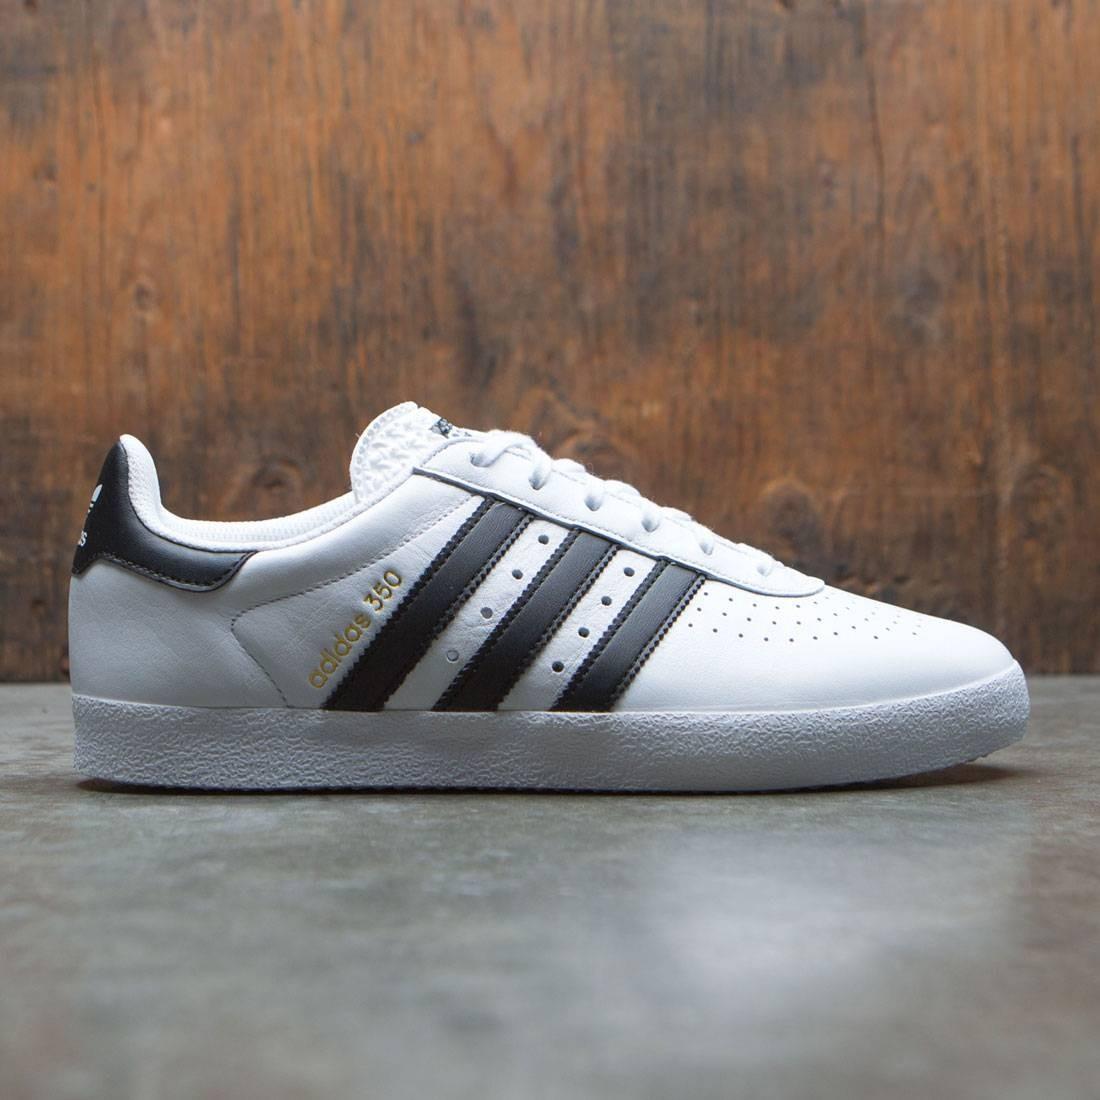 【海外限定】アディダス コア 黒 ブラック メンズ靴 靴 【 ADIDAS BLACK MEN 350 WHITE CORE GOLD METALLIC 】